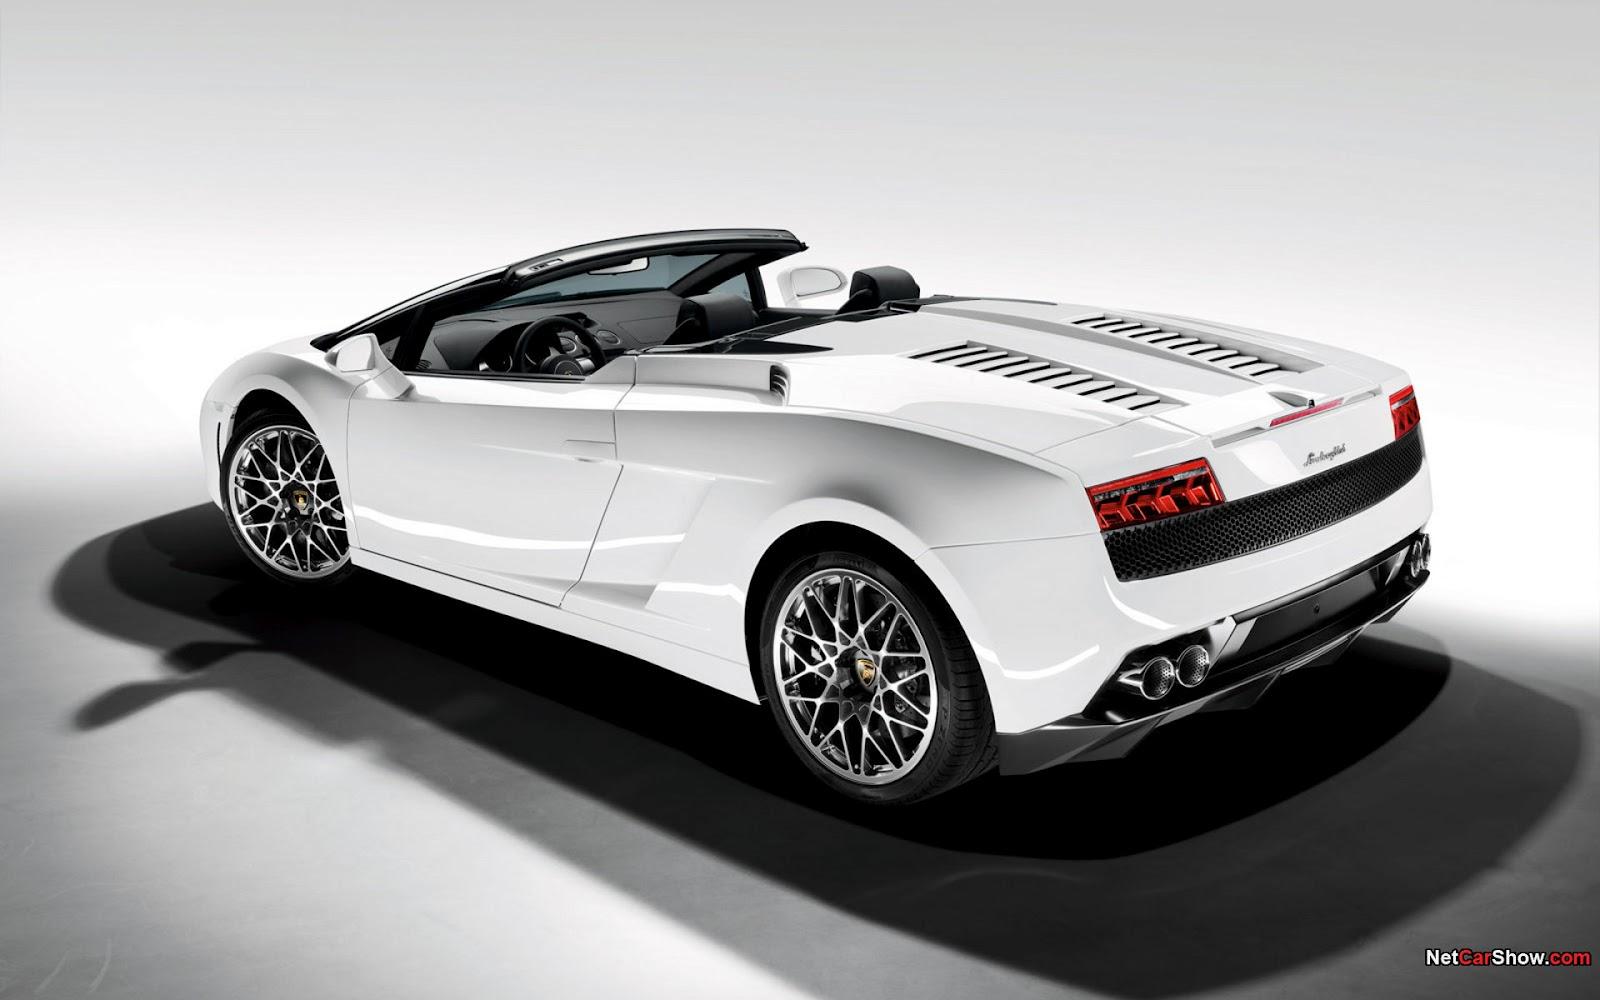 http://1.bp.blogspot.com/-59yW66f0sTs/T1lZ8rilGiI/AAAAAAAAMz4/iXDQhkSOg5M/s1600/Lamborghini+Gallardo+LP560-4+Spyder+2009+-+Latest+Cars+Wallpapers+(6).jpg